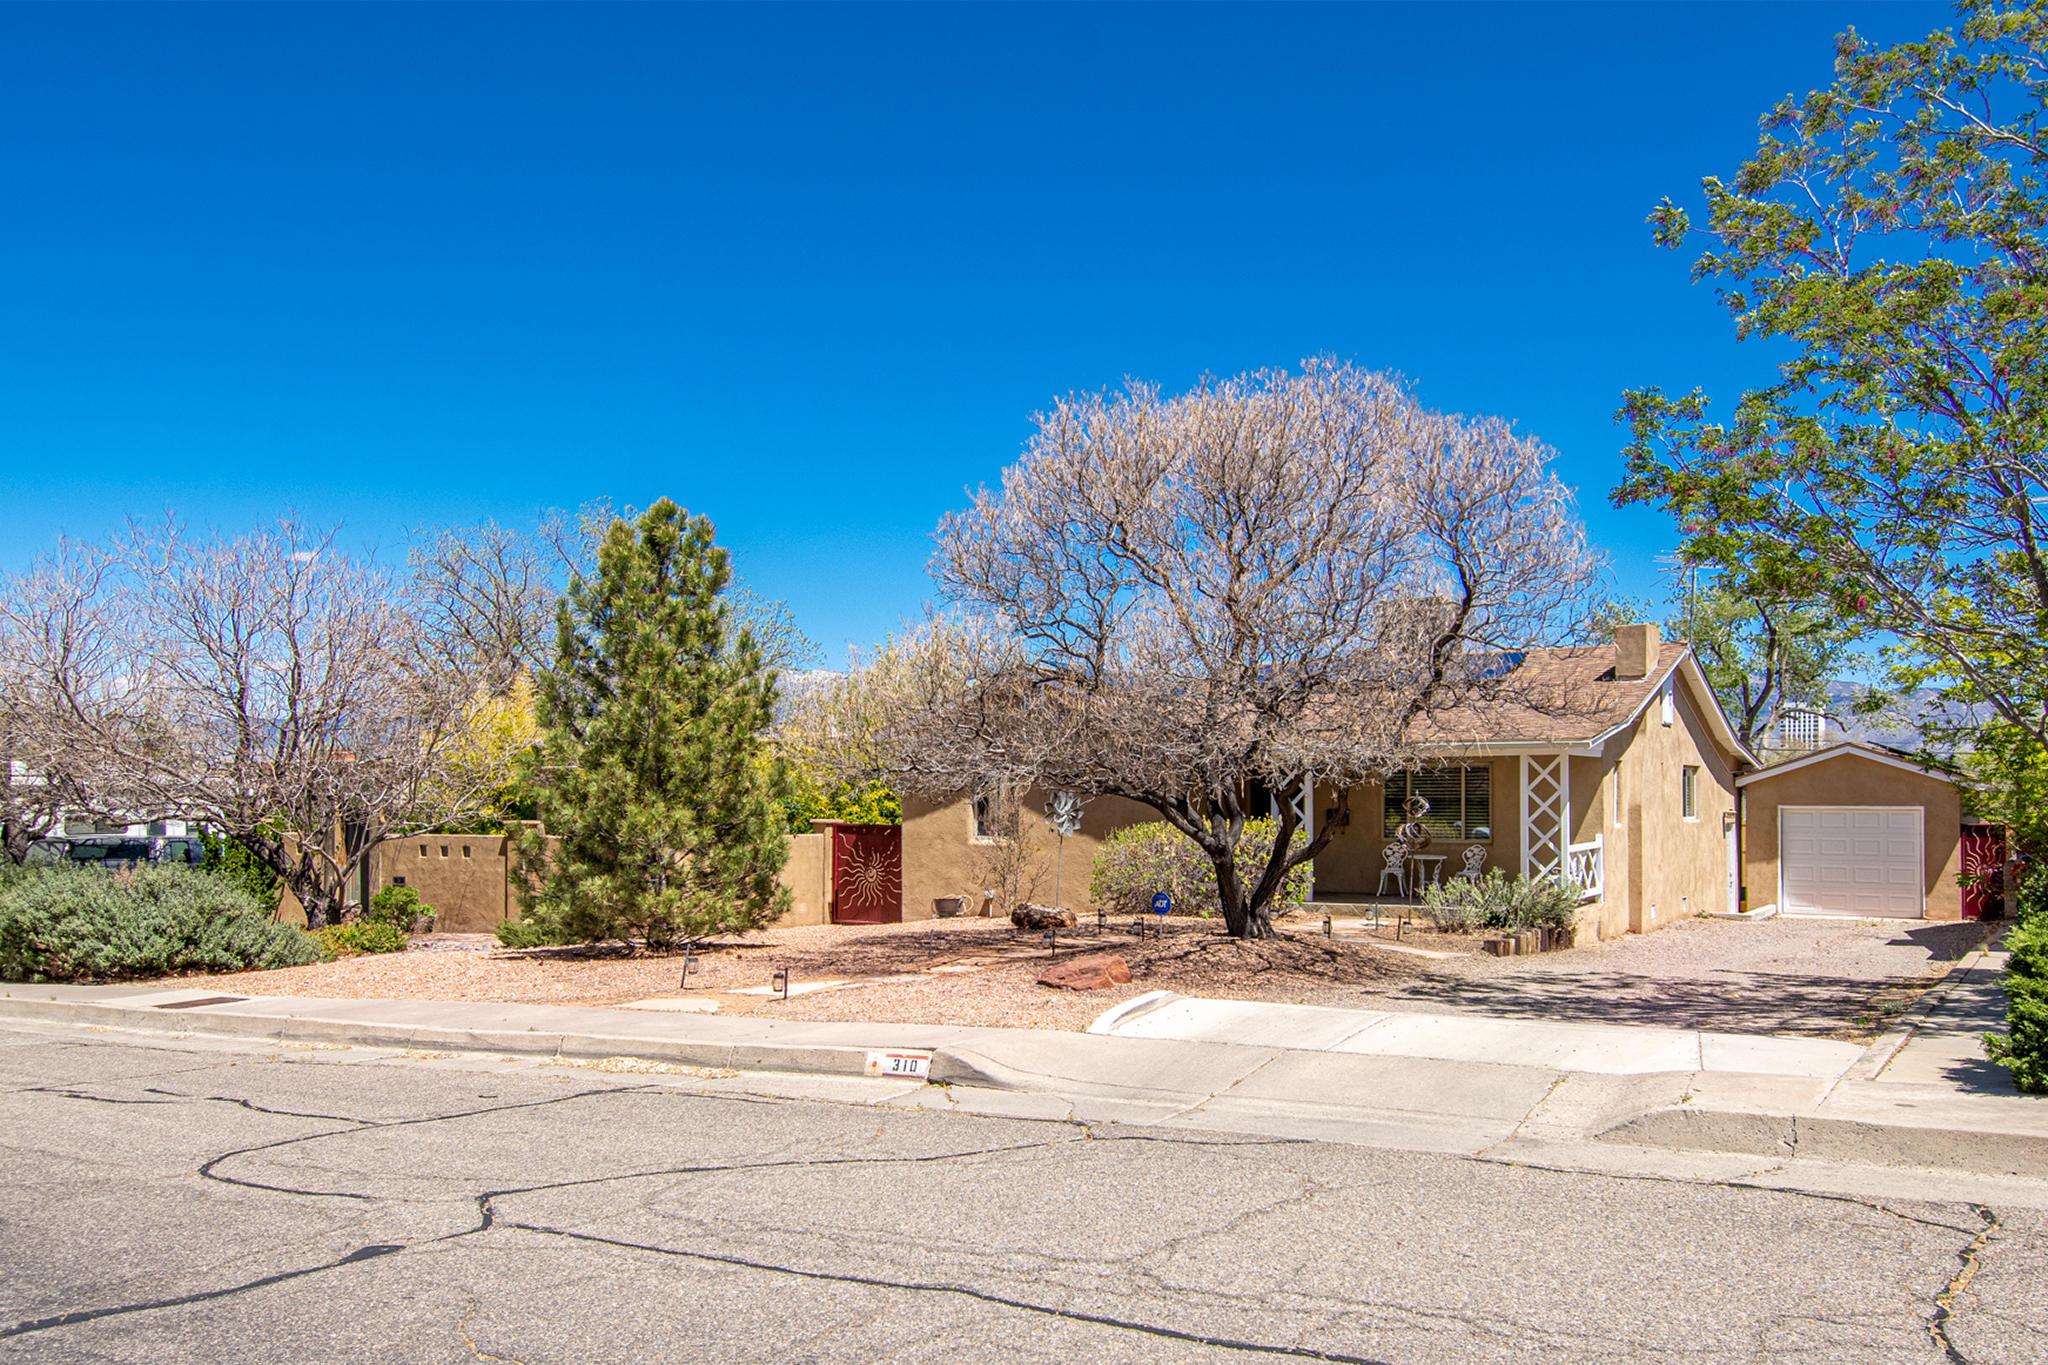 310 ALISO Drive SE, Albuquerque, NM 87108 - Albuquerque, NM real estate listing